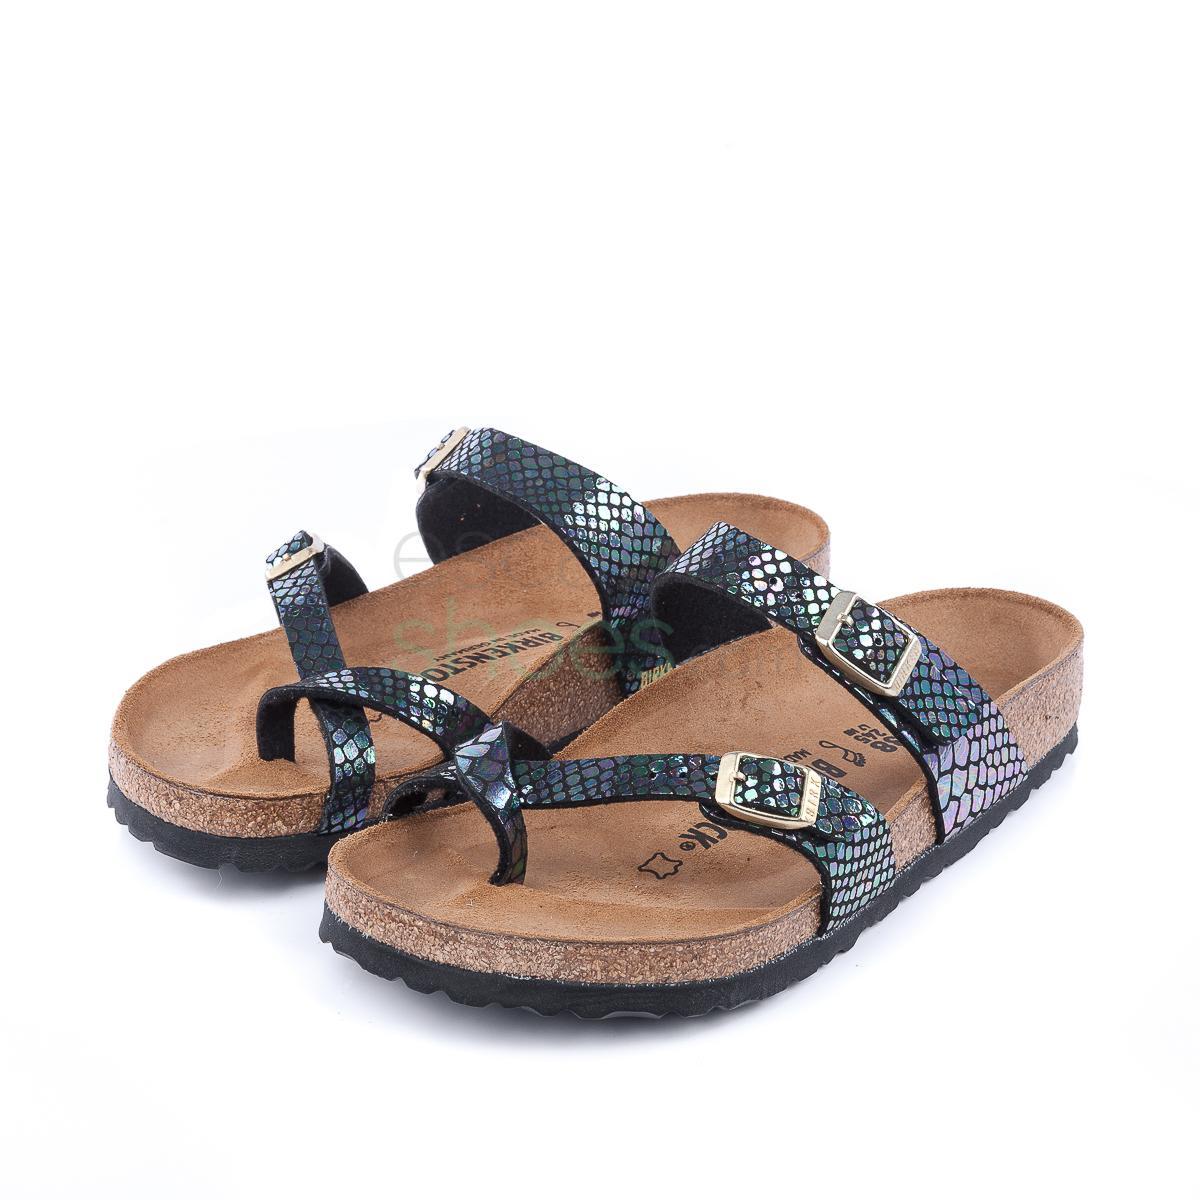 Buy your Sandals BIRKENSTOCK Mayari 1005045 Shiny Snake Black Multi ... 820bdd83186